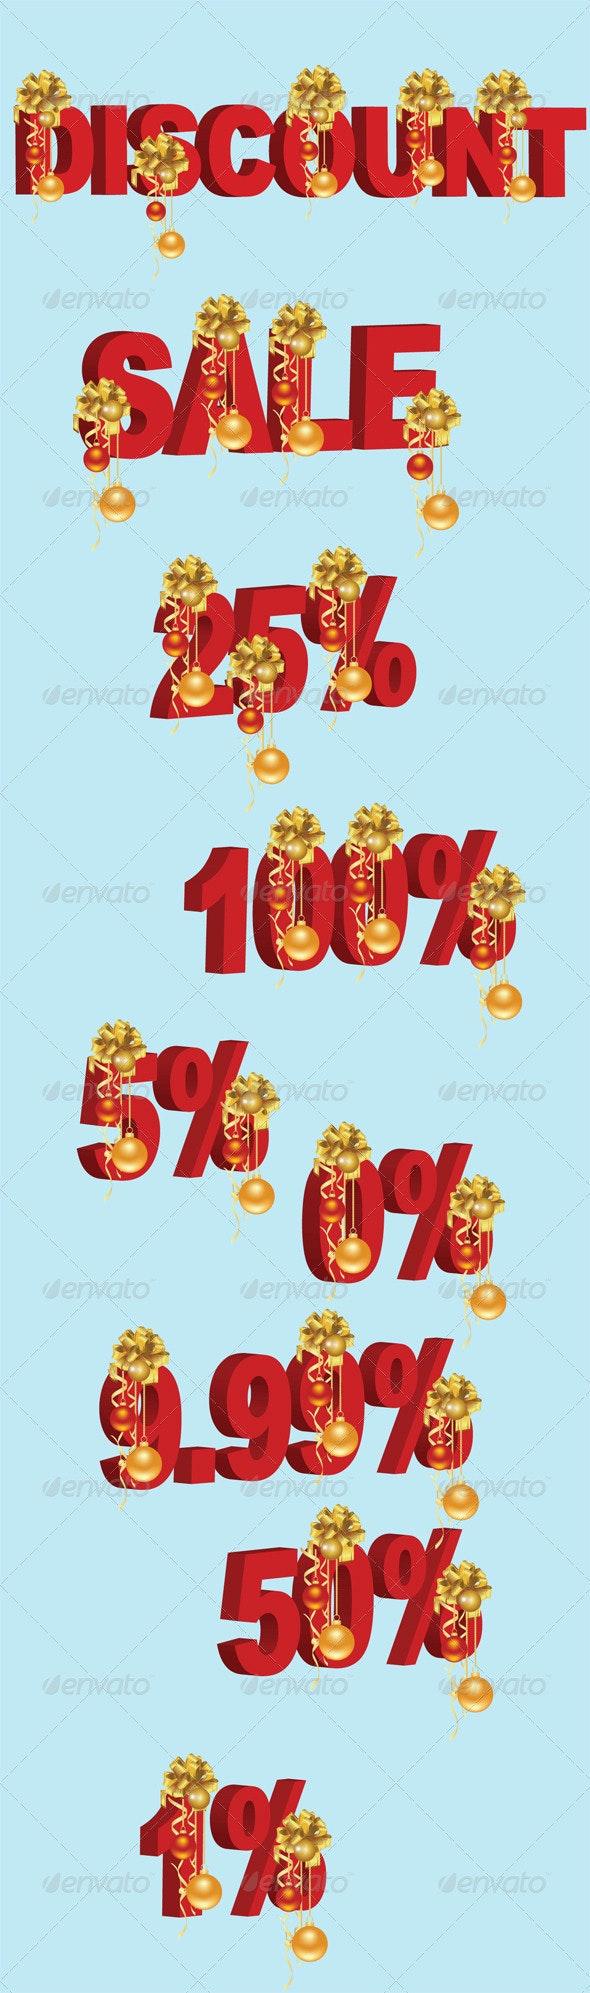 Christmas Price Tag - Christmas Seasons/Holidays